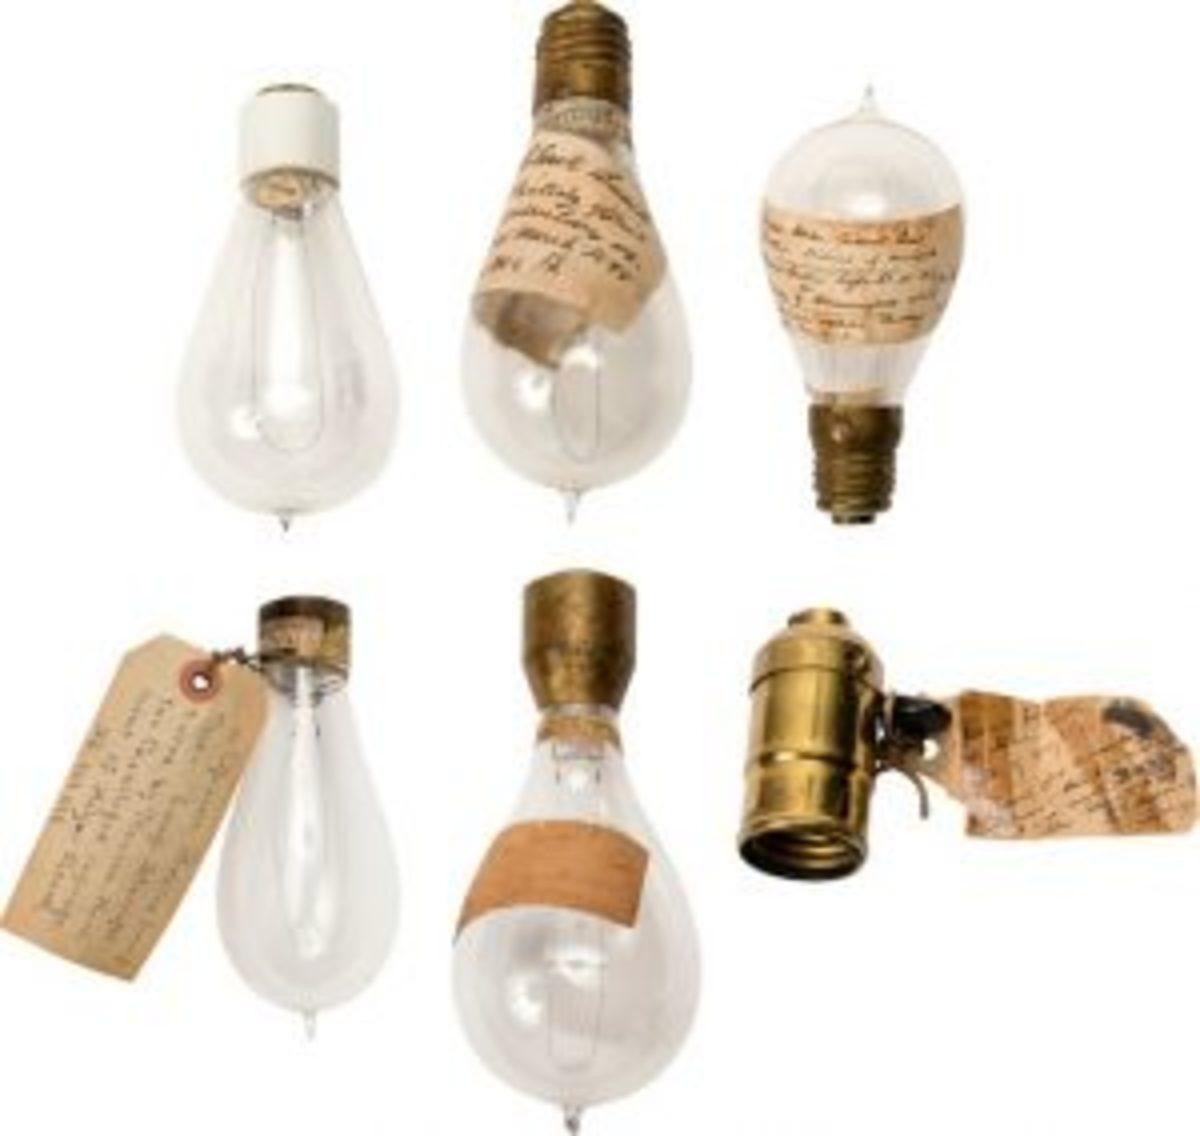 Edison-related lightbulbs